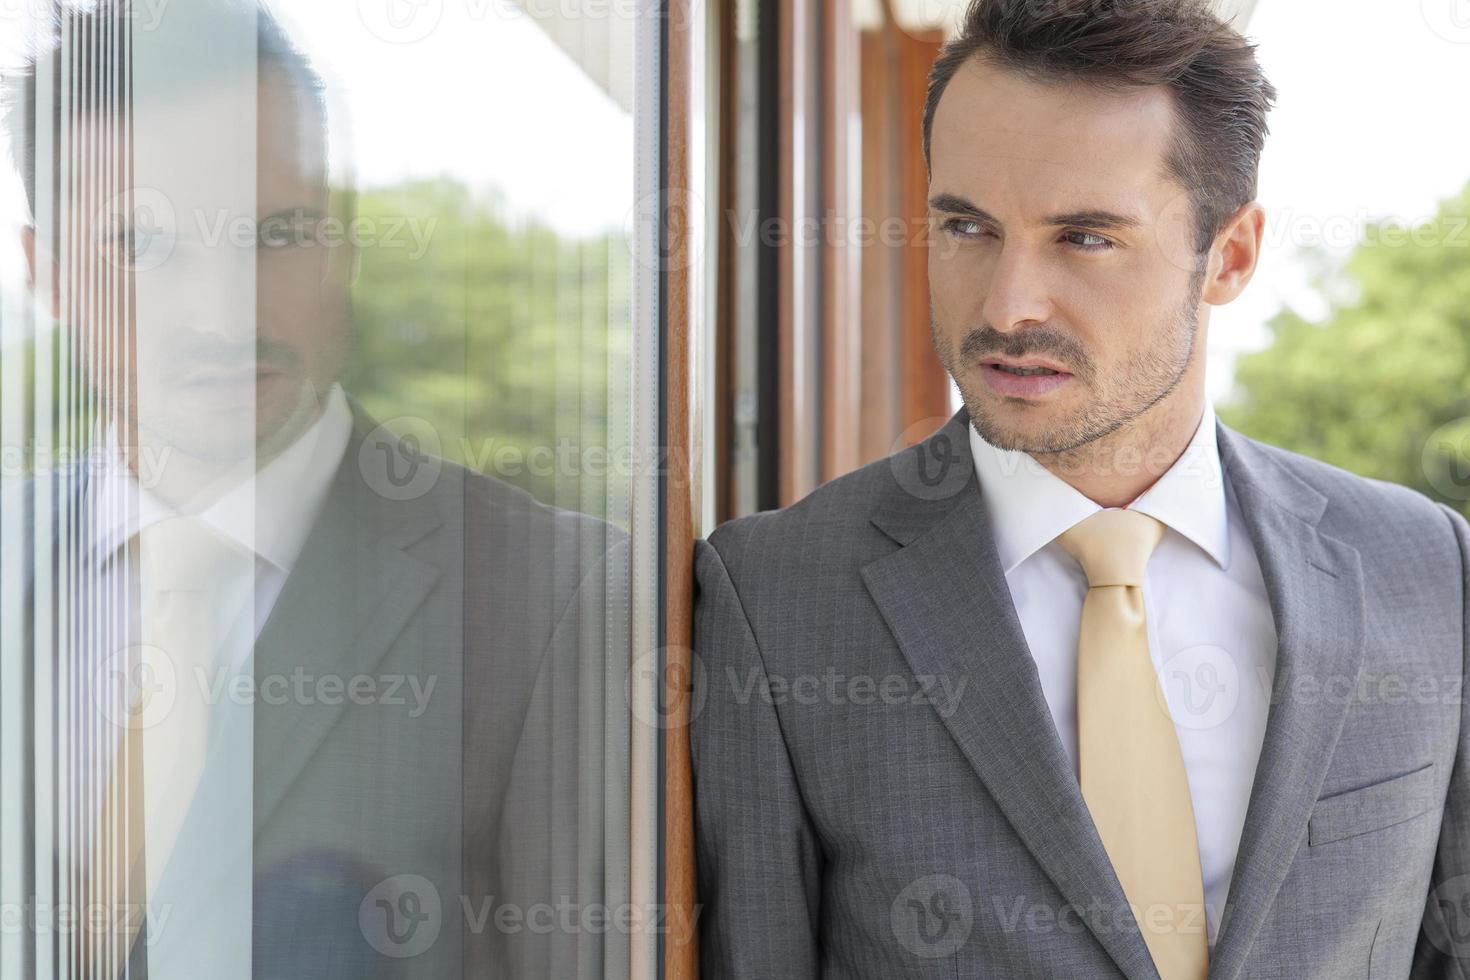 Geschäftsmann schaut weg, während er sich auf Glastür stützt foto